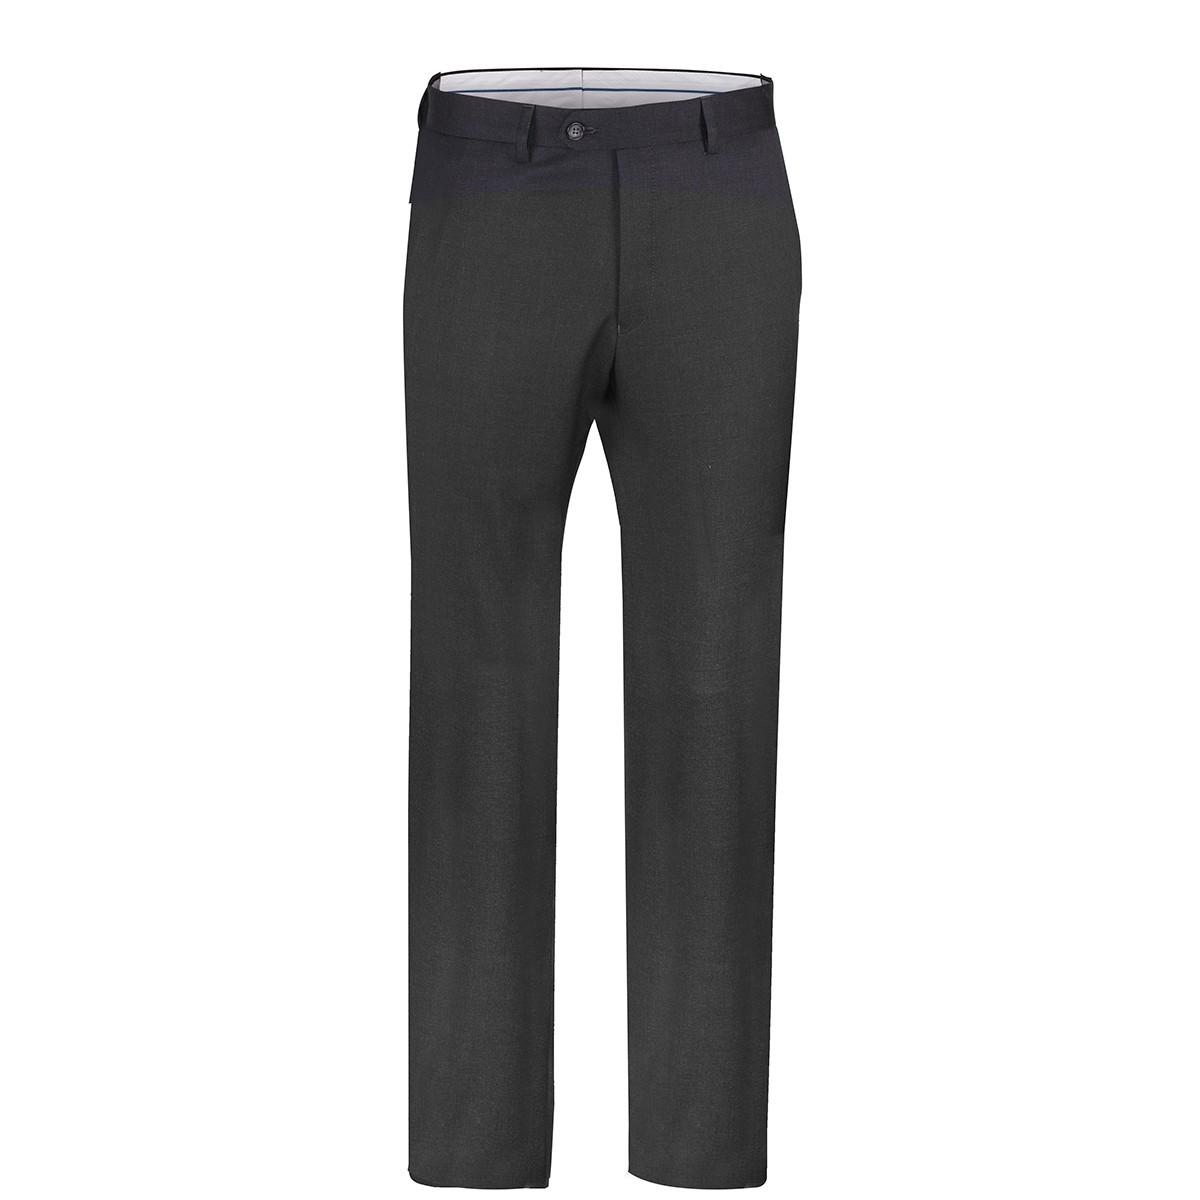 Pantalon gris Anthracite pour Homme